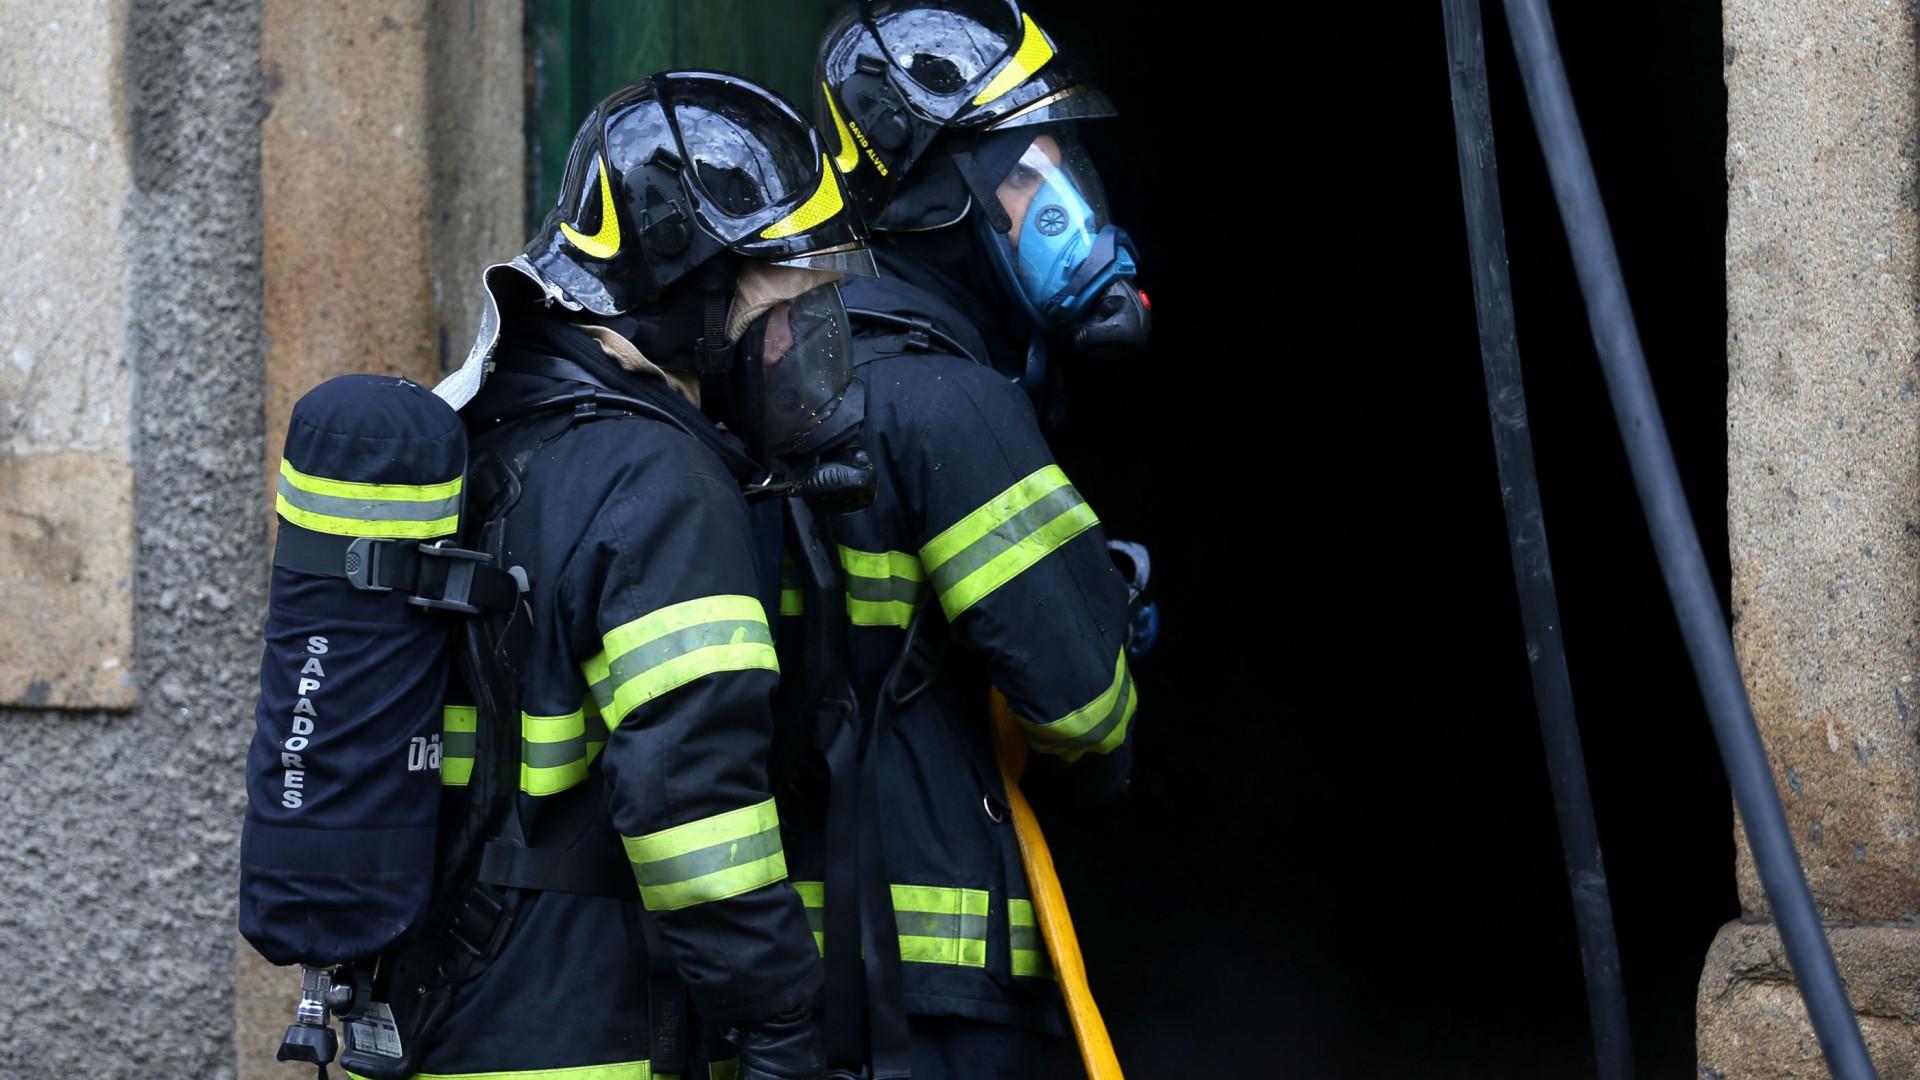 Incêndio numa habitação em Viseu faz um ferido